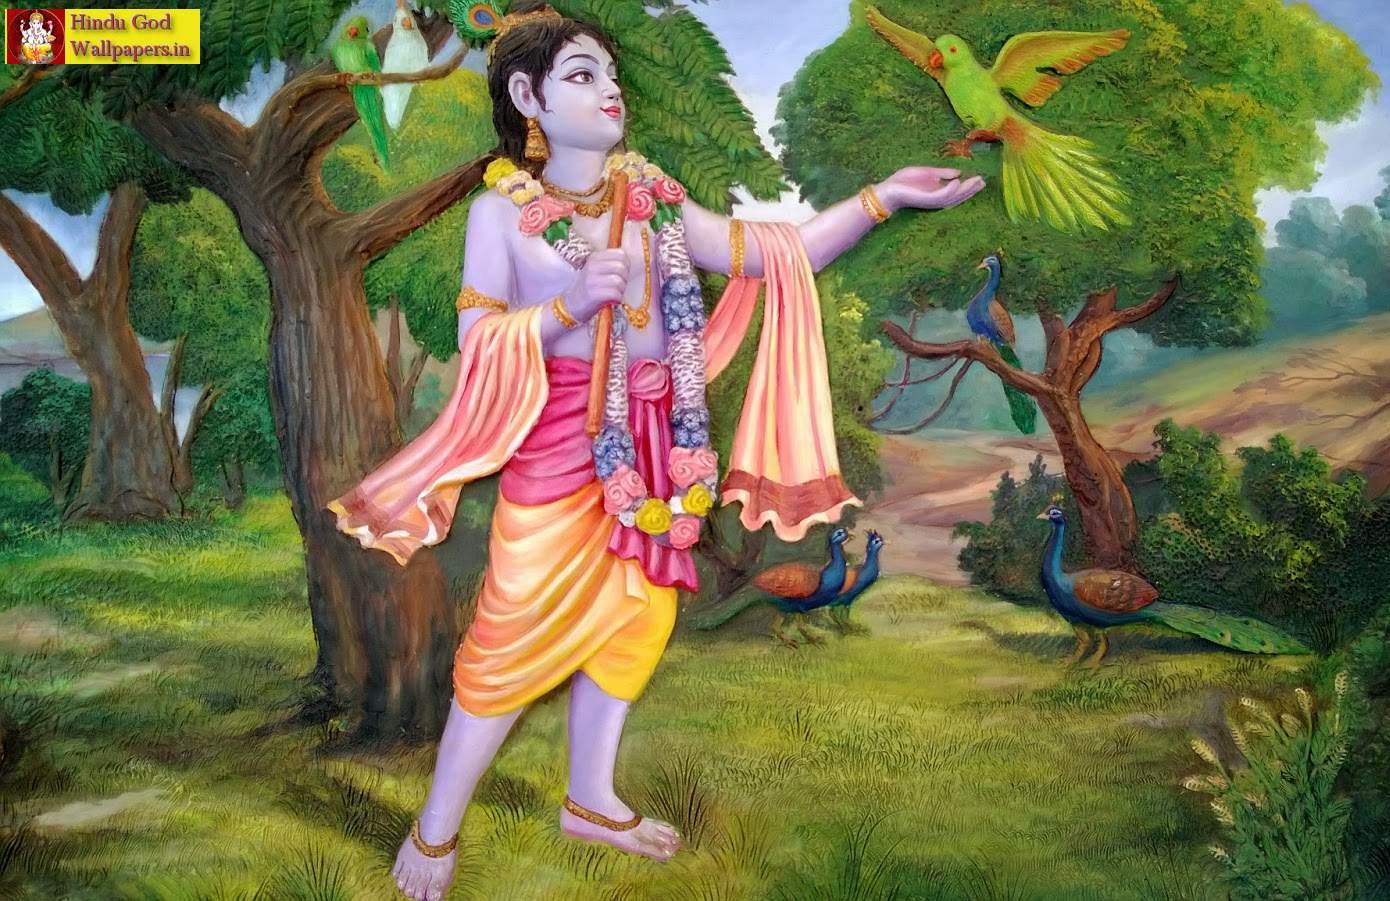 Good Wallpaper Lord Krishna - wc1720890  Trends_711797.jpg